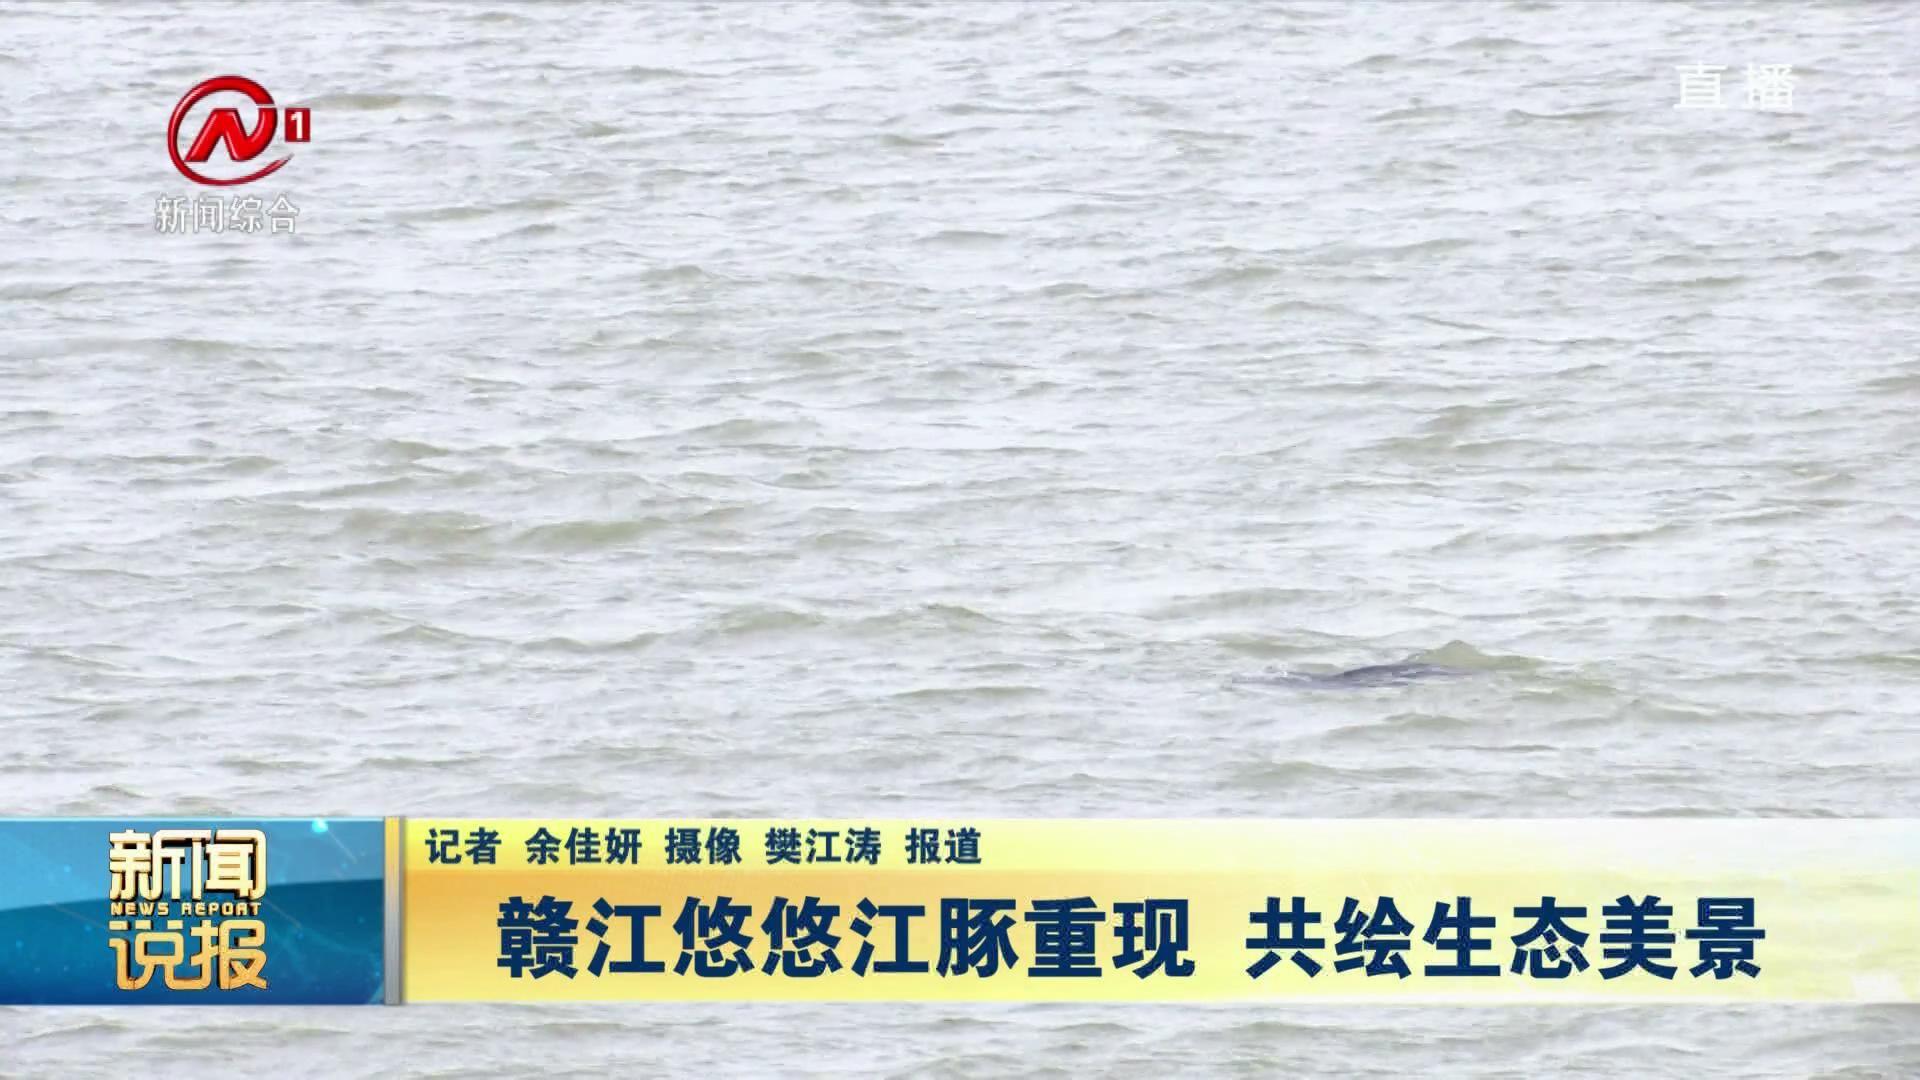 赣江悠悠江豚重现 共绘生态美景